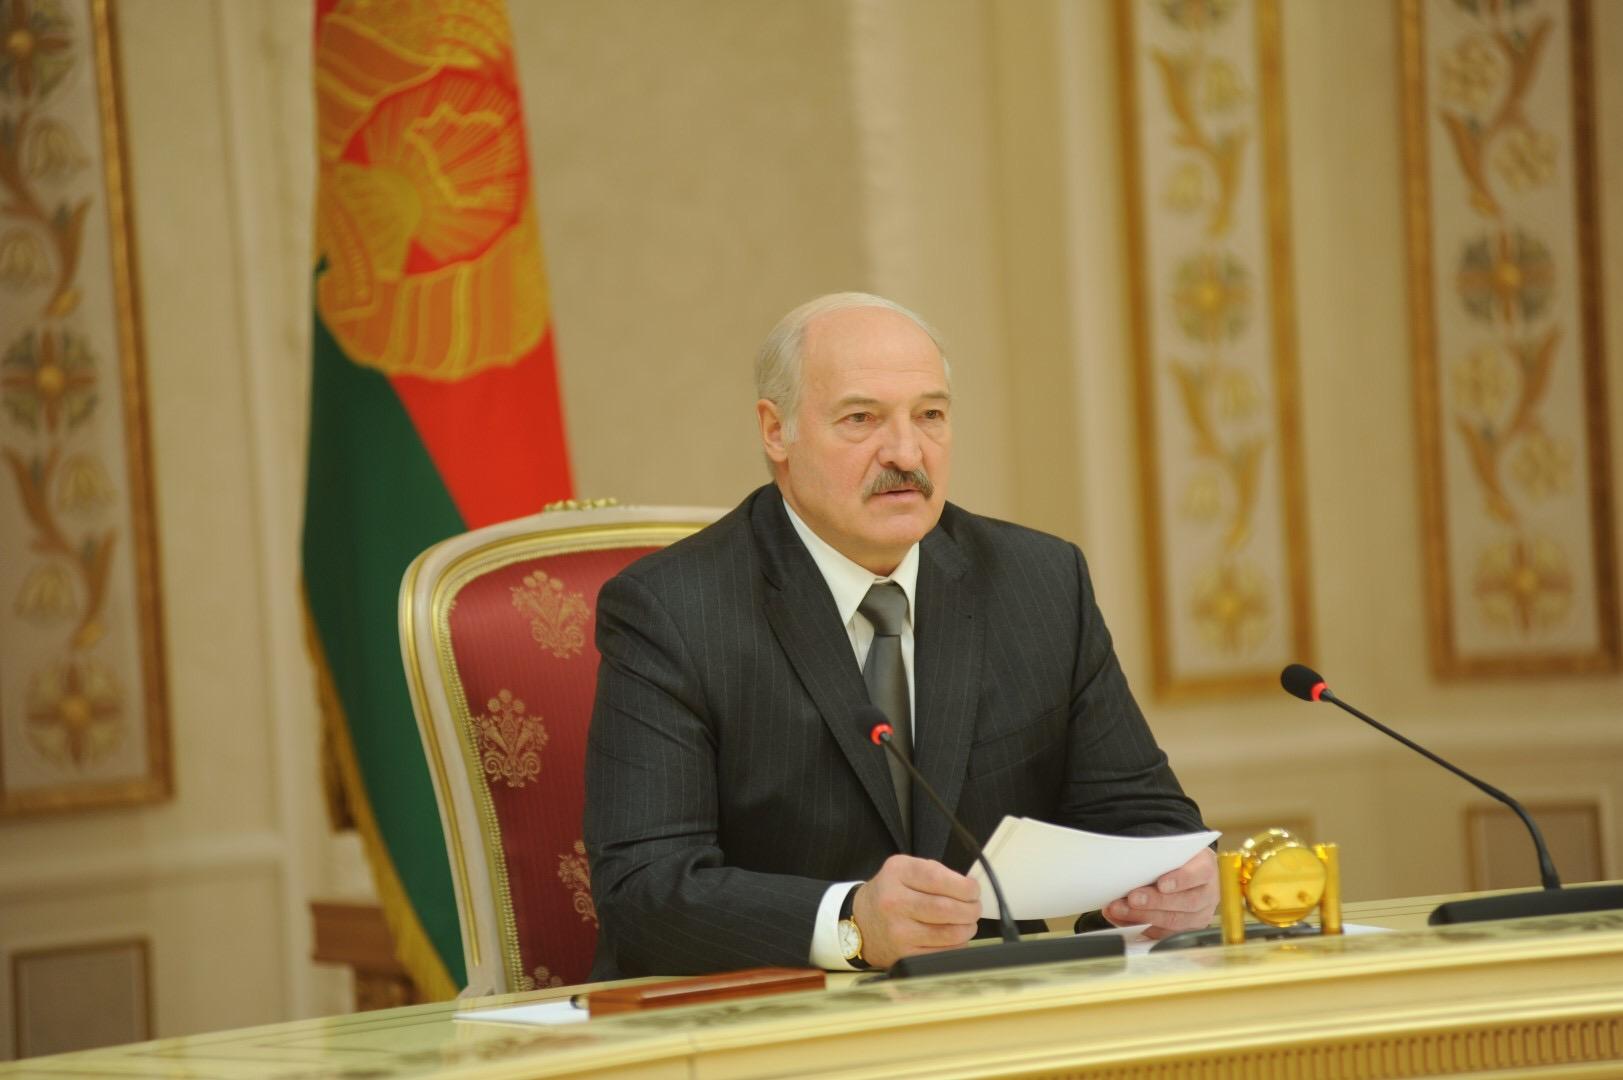 Александр Лукашенко: «Ярославская область всегда была нашим важным торговым партнером»